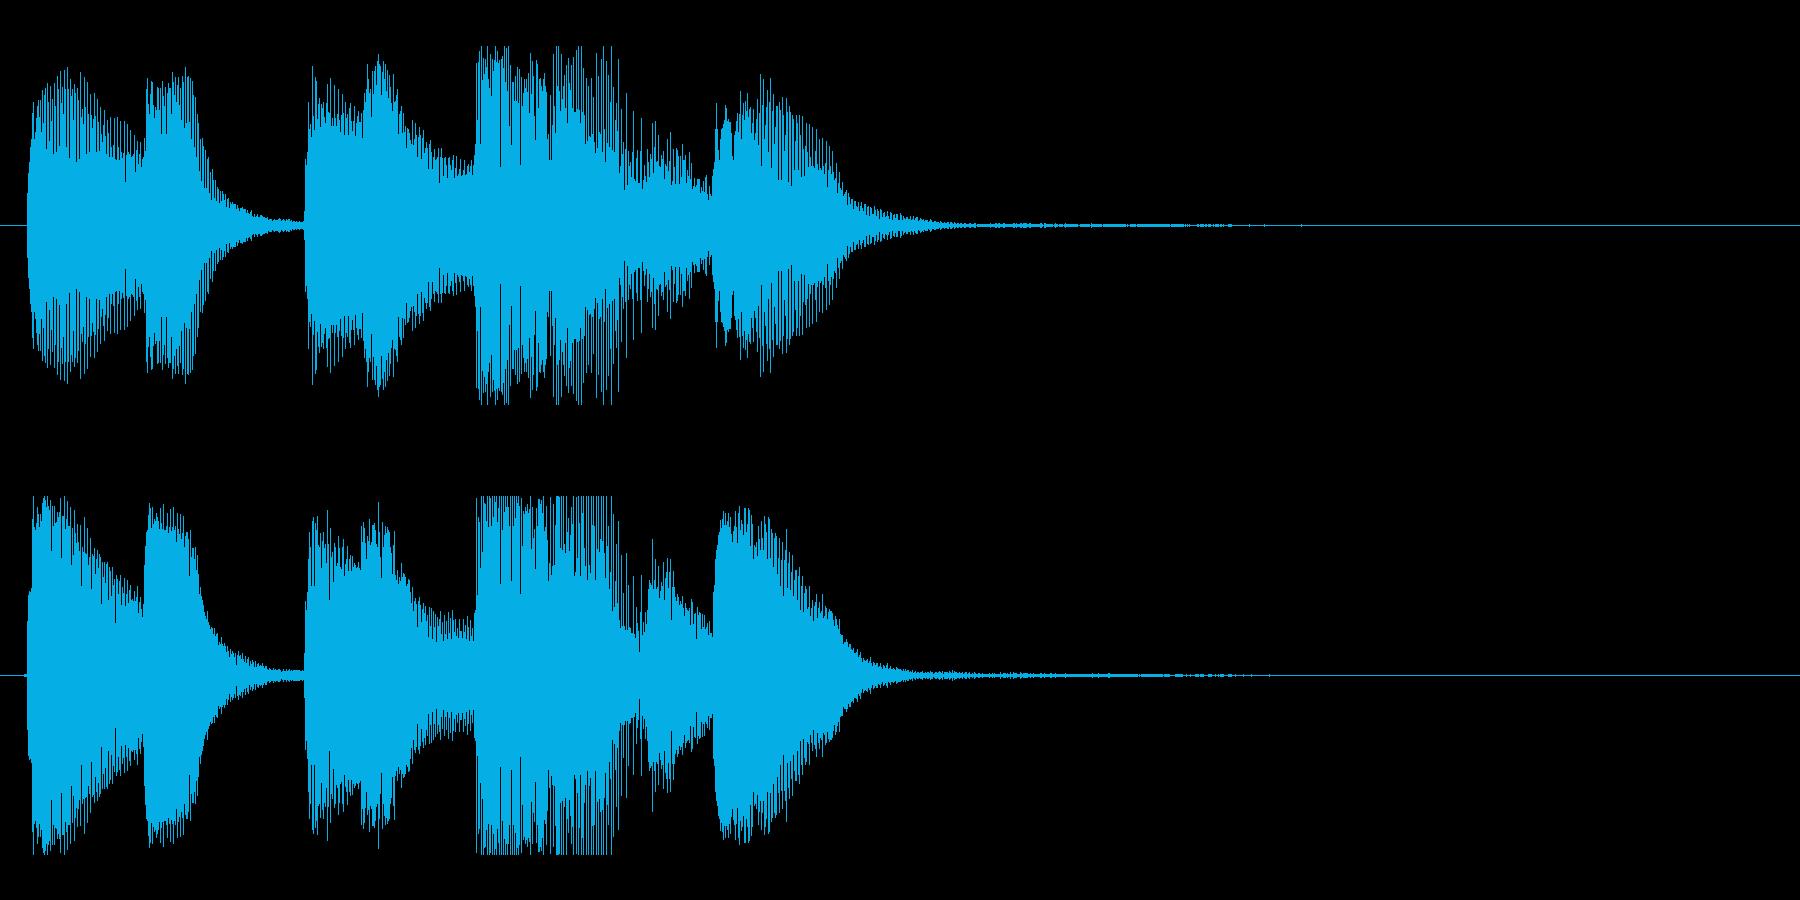 【バードランド3】の再生済みの波形